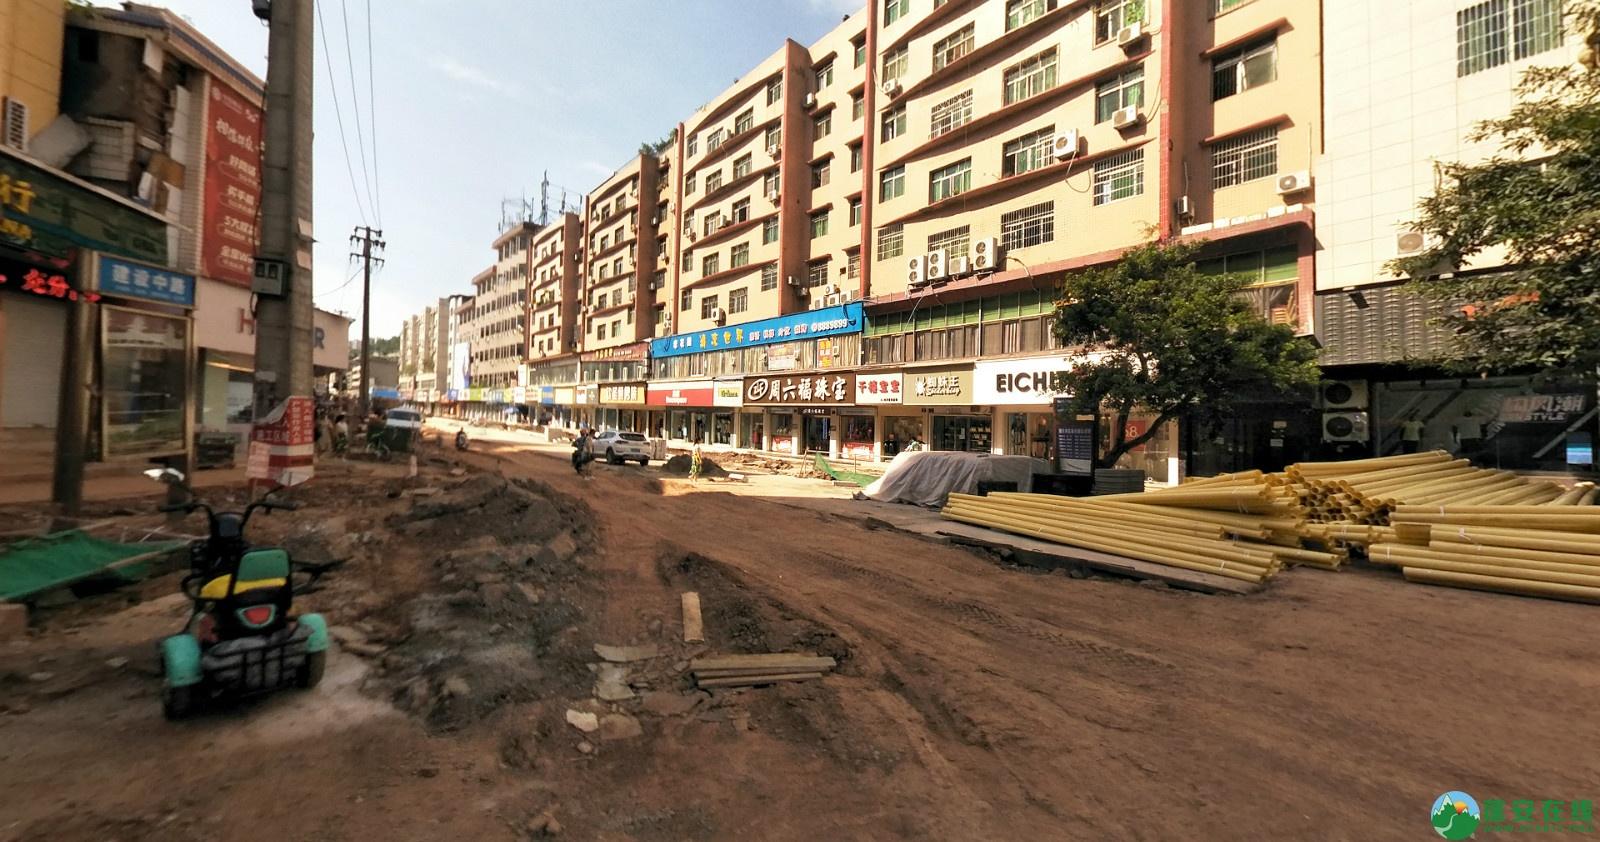 蓬安建设路改造进展(2020-08-05) - 第16张  | 蓬安在线